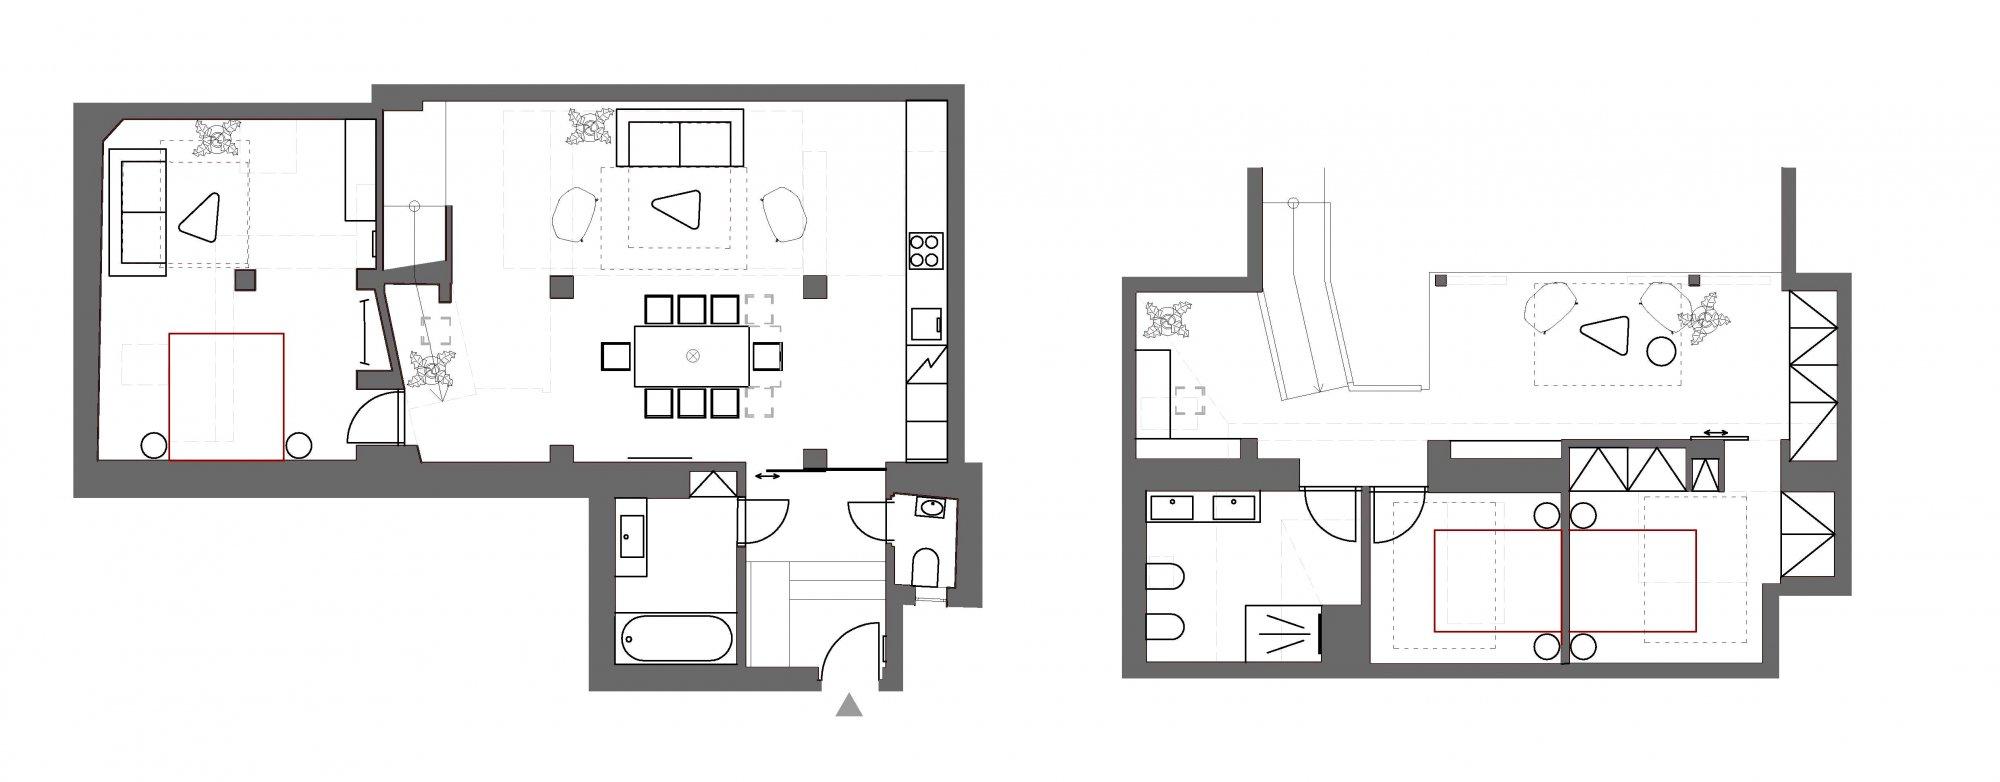 Půdorys - Půdní byt 3+kk, plocha 143 m², ulice Růžová, Praha 1 - Nové Město